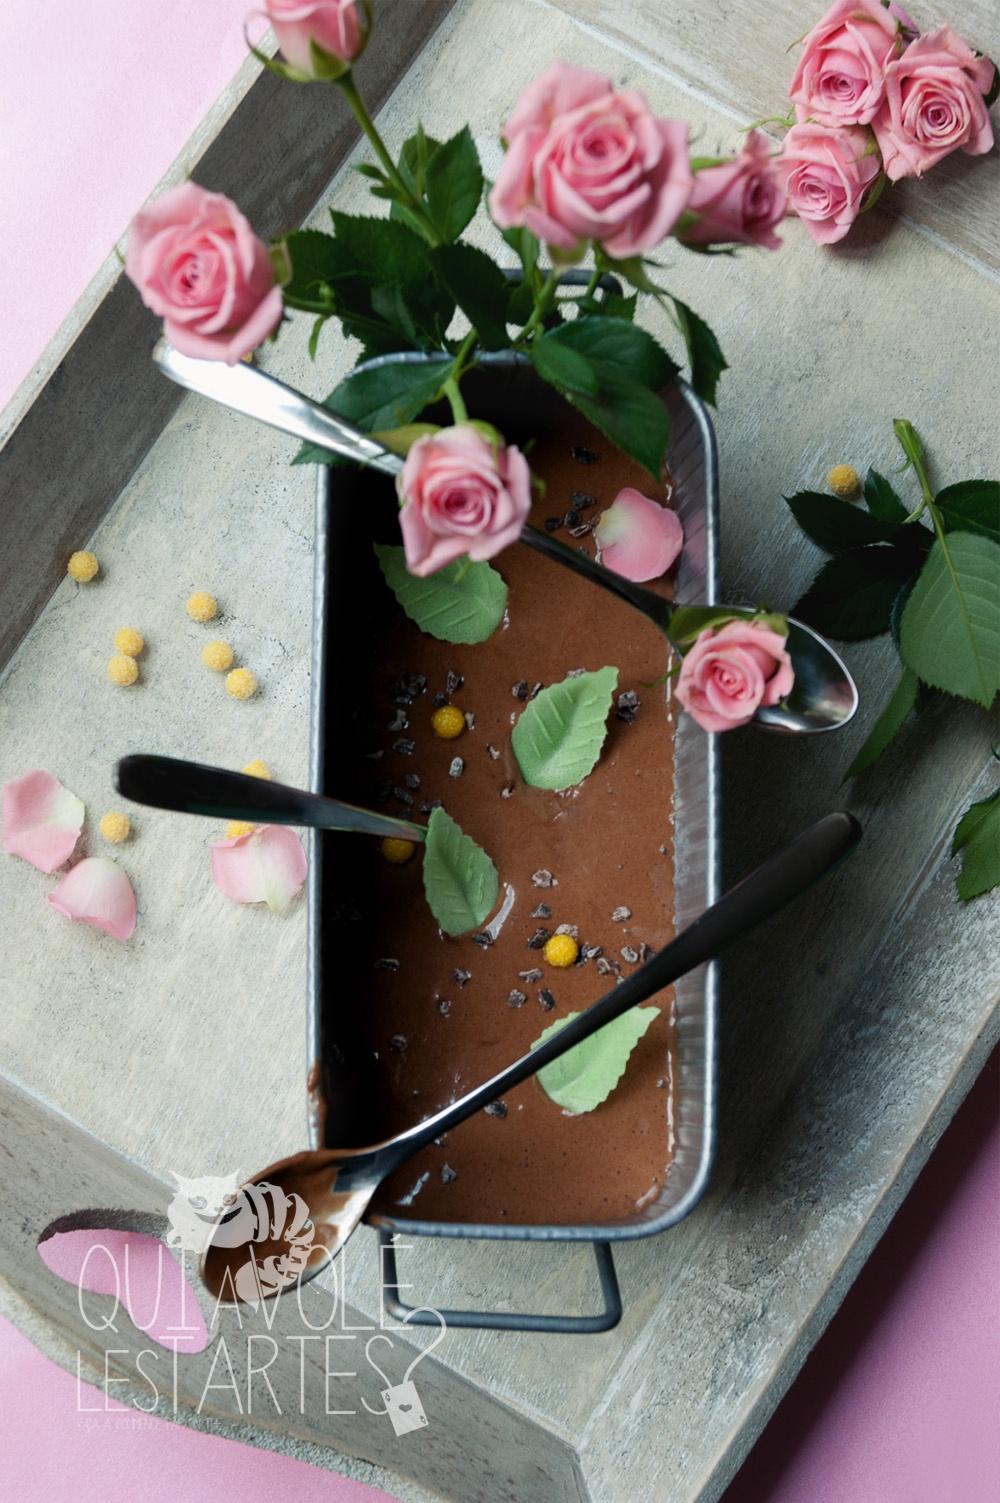 La jardinière 7 - Mousse au chocolat - Qui a volé les tartes - Studio de création